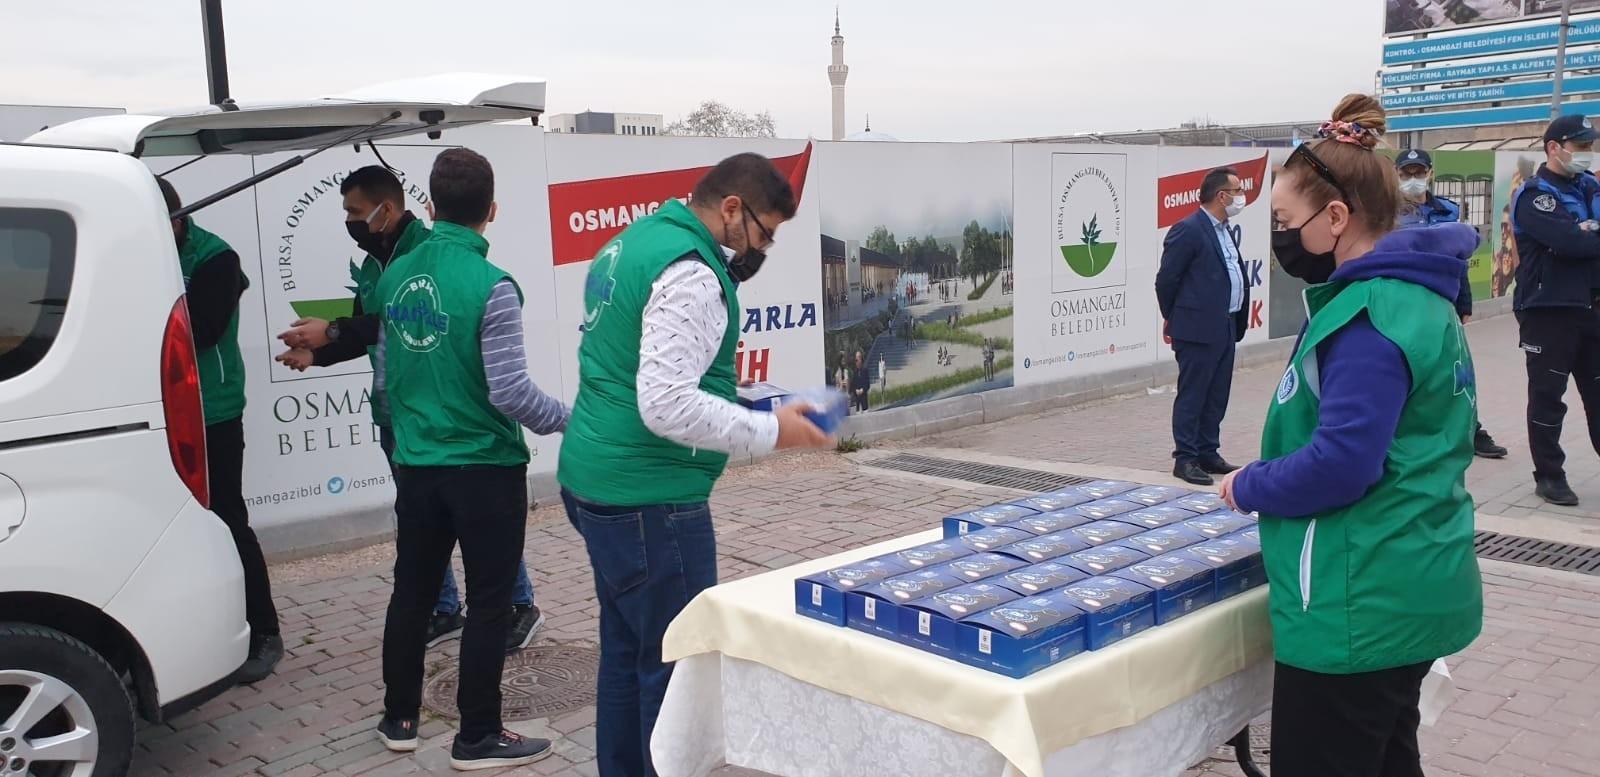 Yolda oruç açmak zorunda kalanlara yardım ediyorlar! İftara eve yetişemeyen vatandaşlara iftar paketi